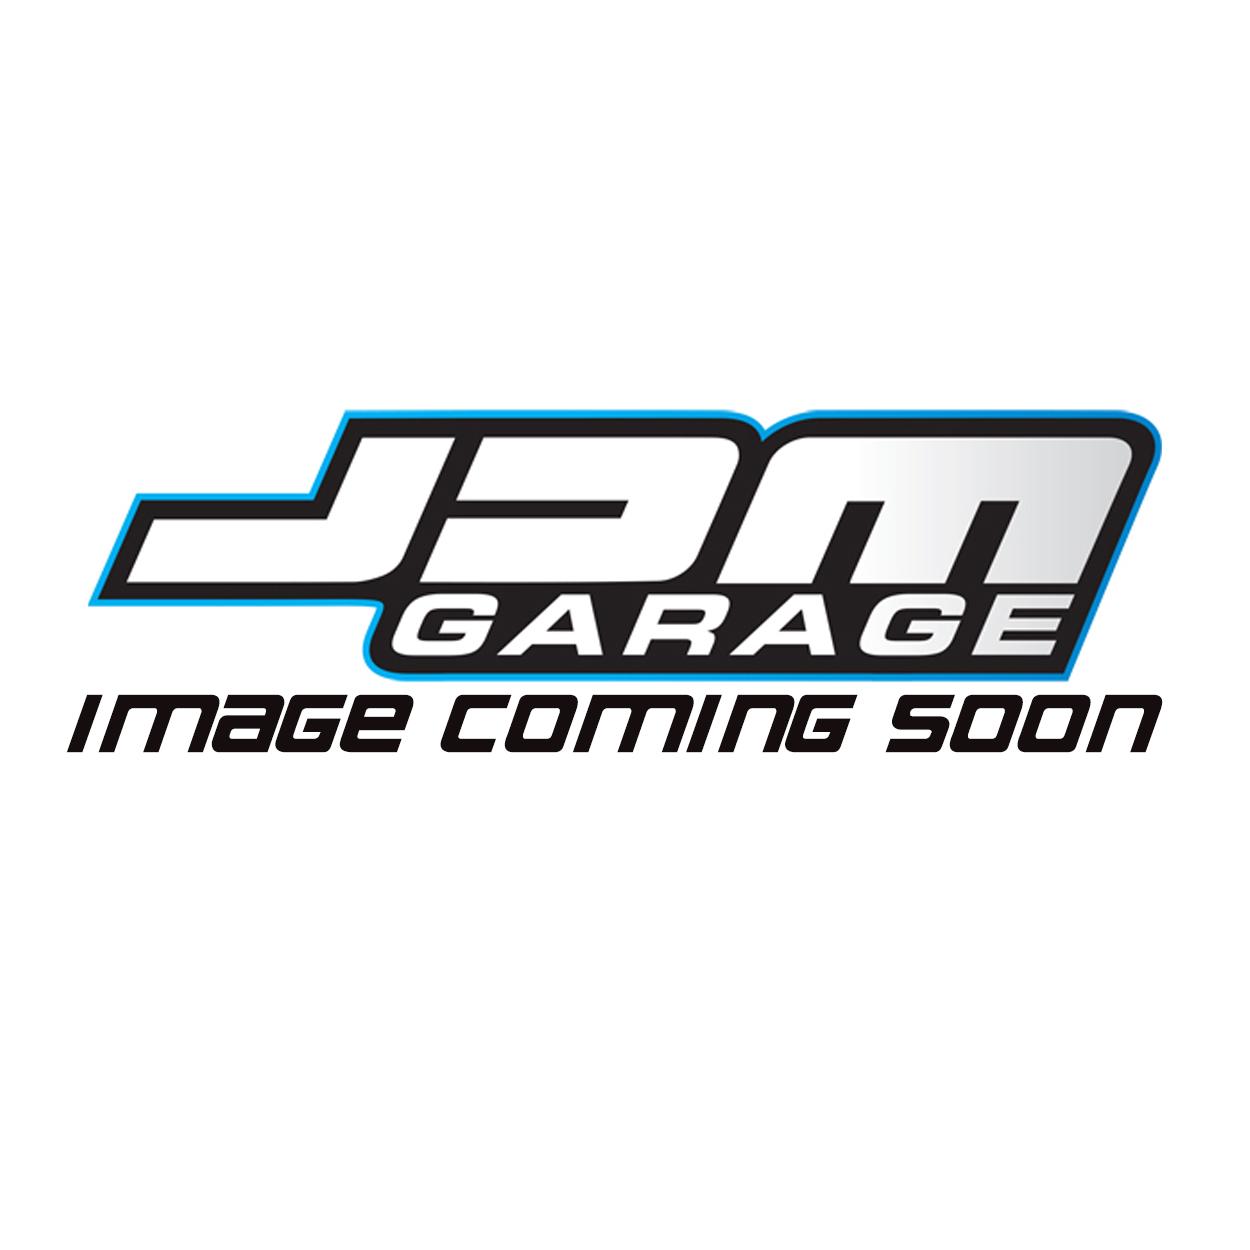 Blitz Cooling Performer Radiator Hose For Mitsubishi Lancer Evolution 7 VII / 8 VIII